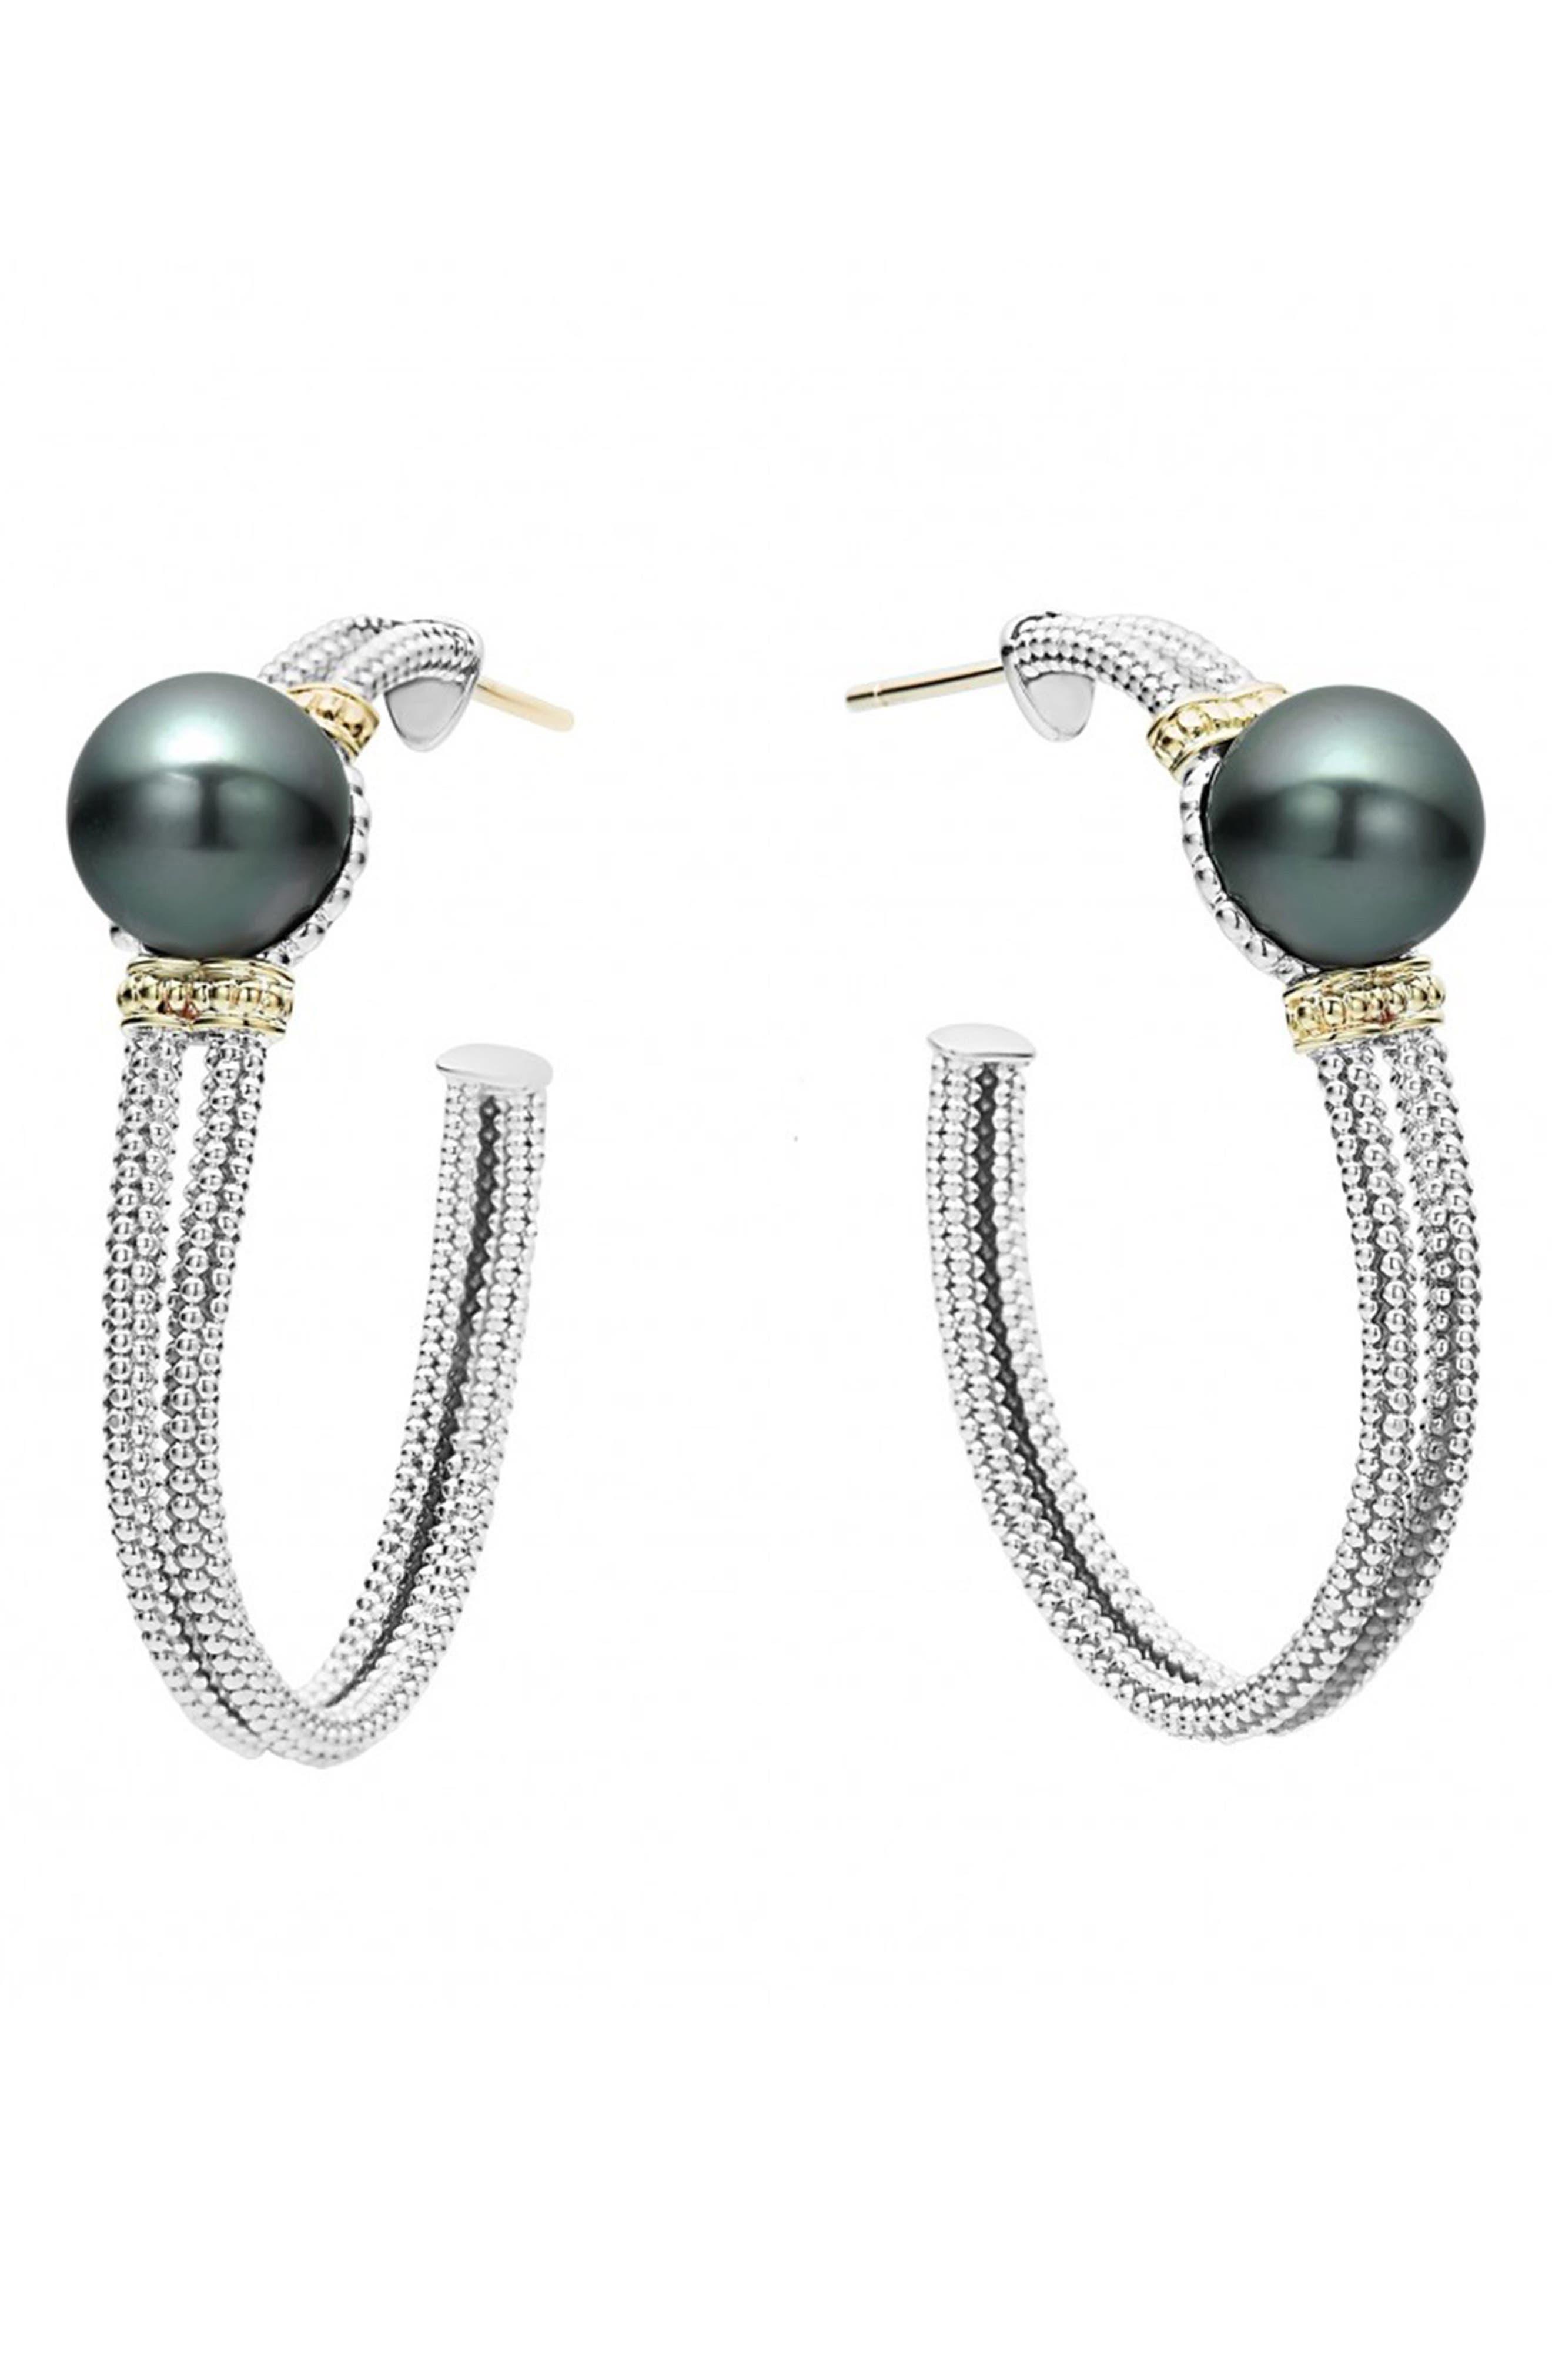 Luna 10mm Pearl Hoop Earrings,                         Main,                         color, 001